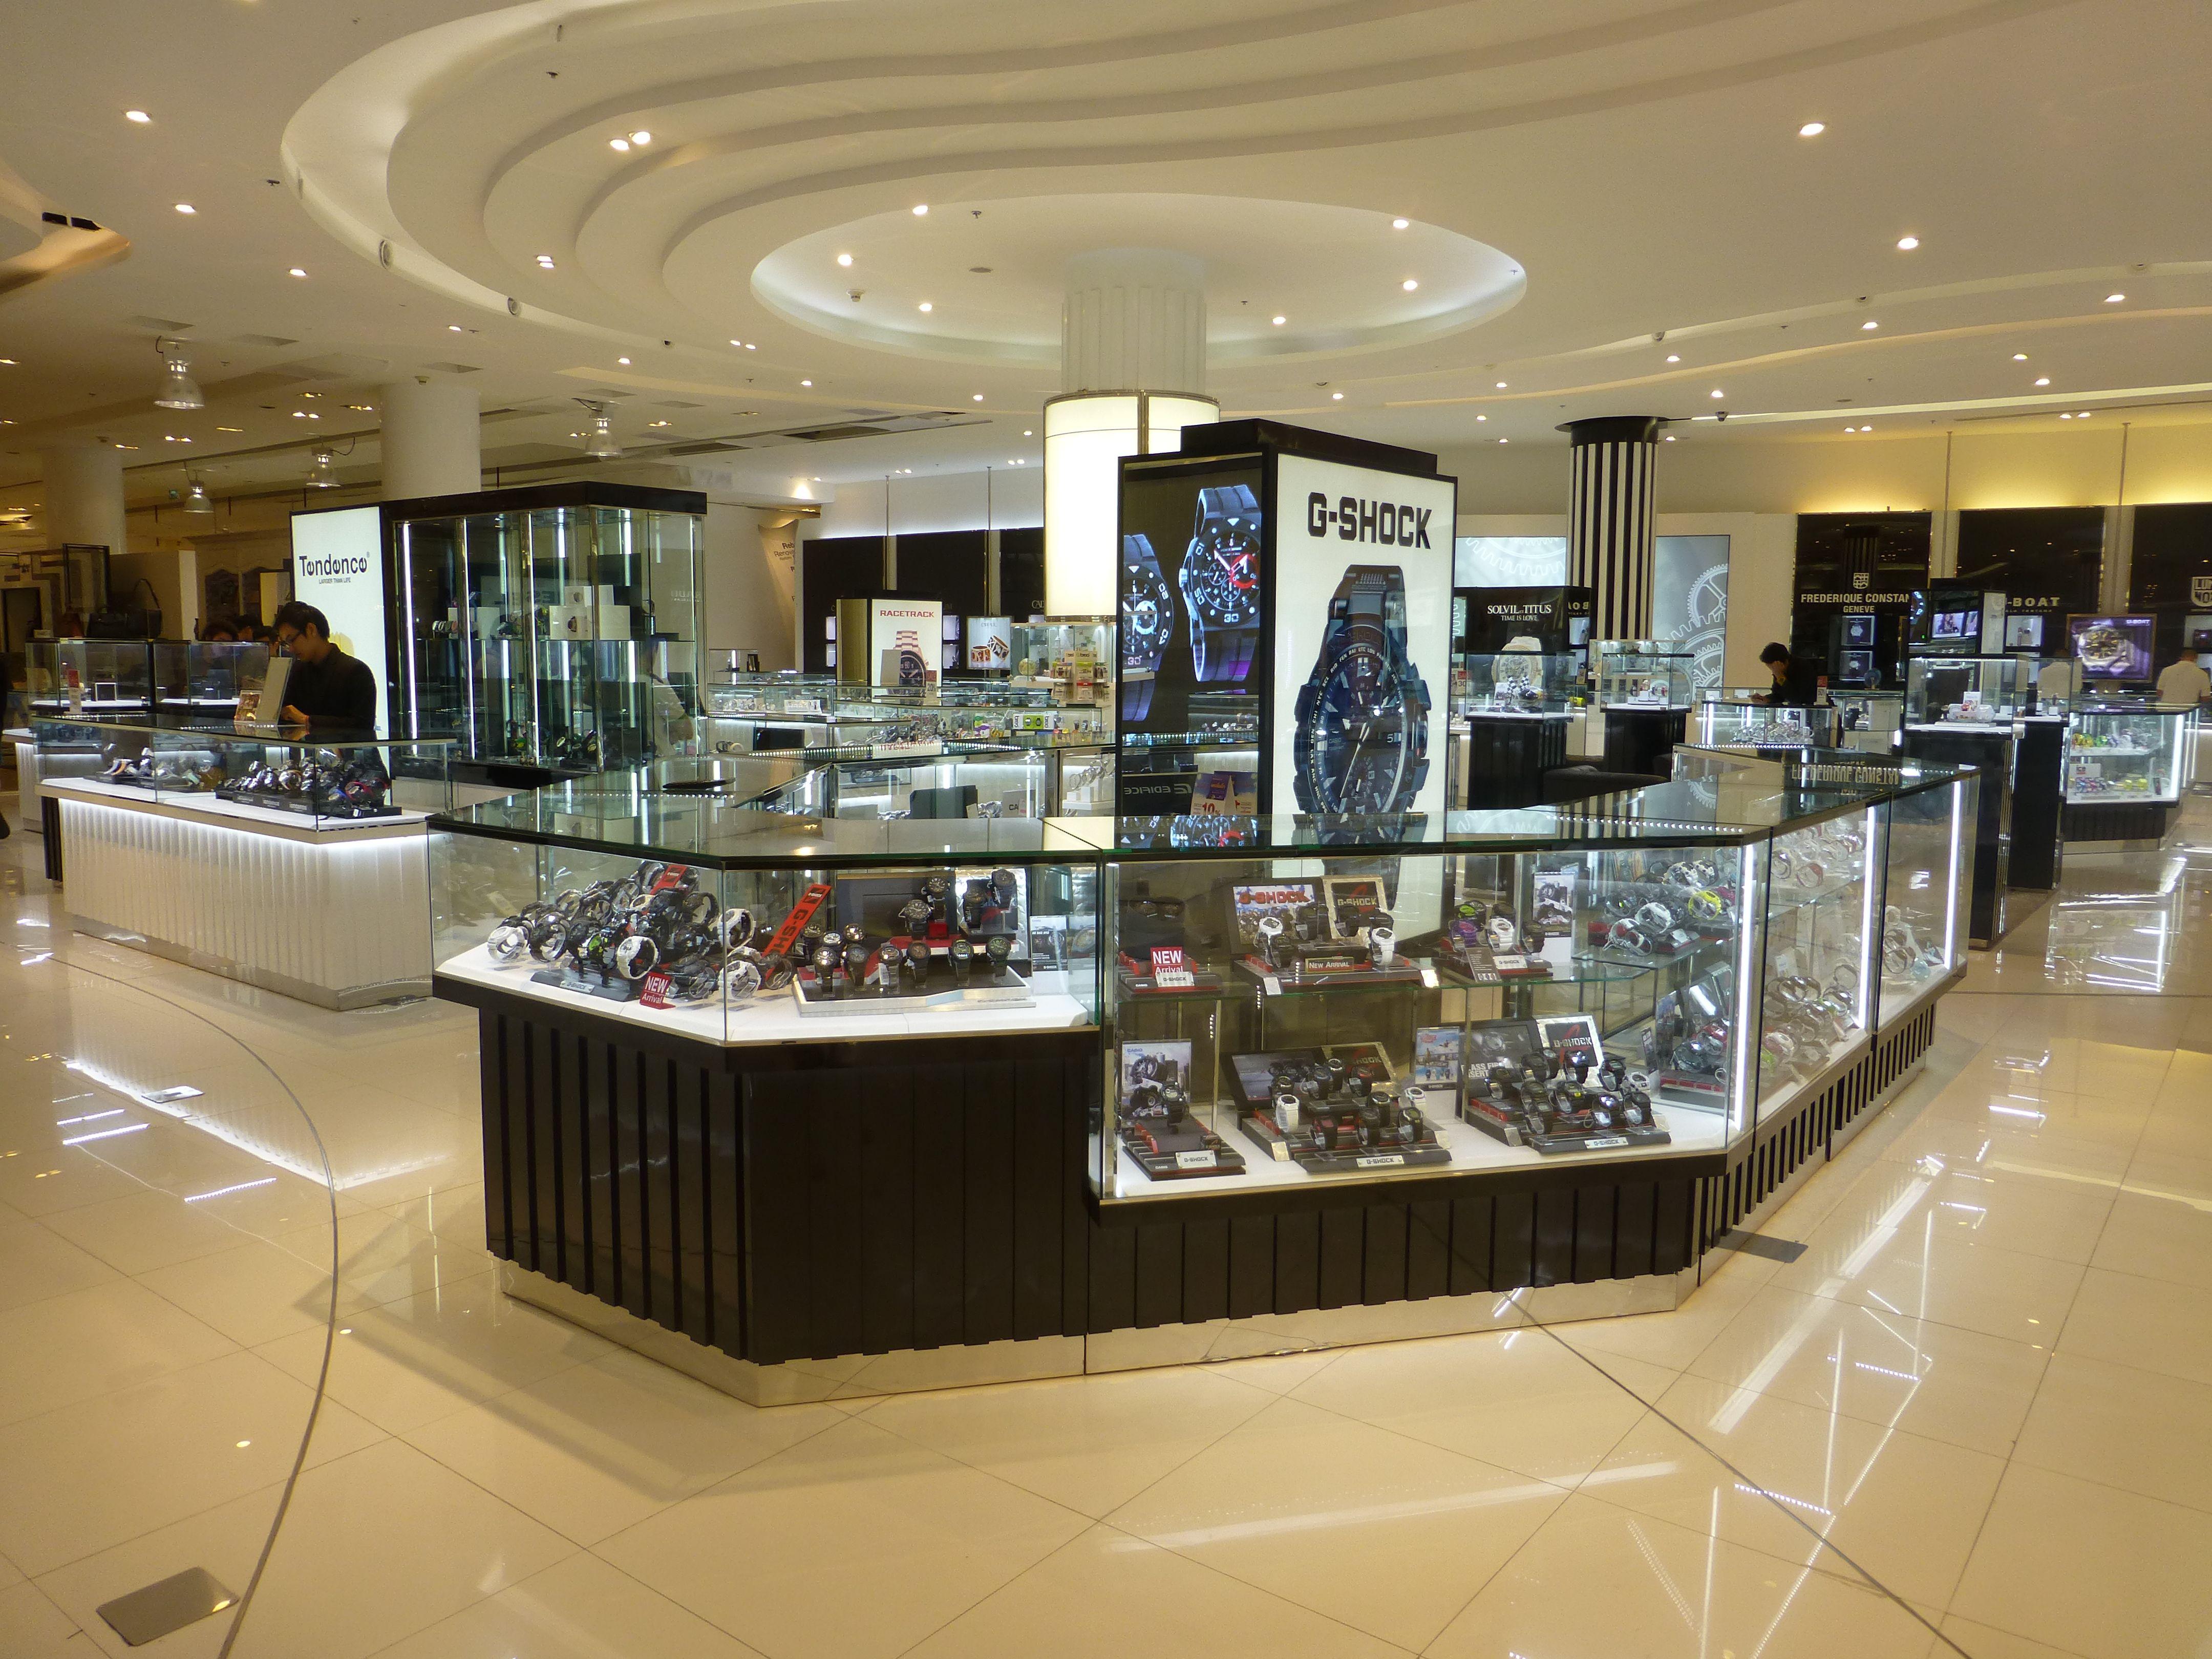 Siam Paragon shoppingmall